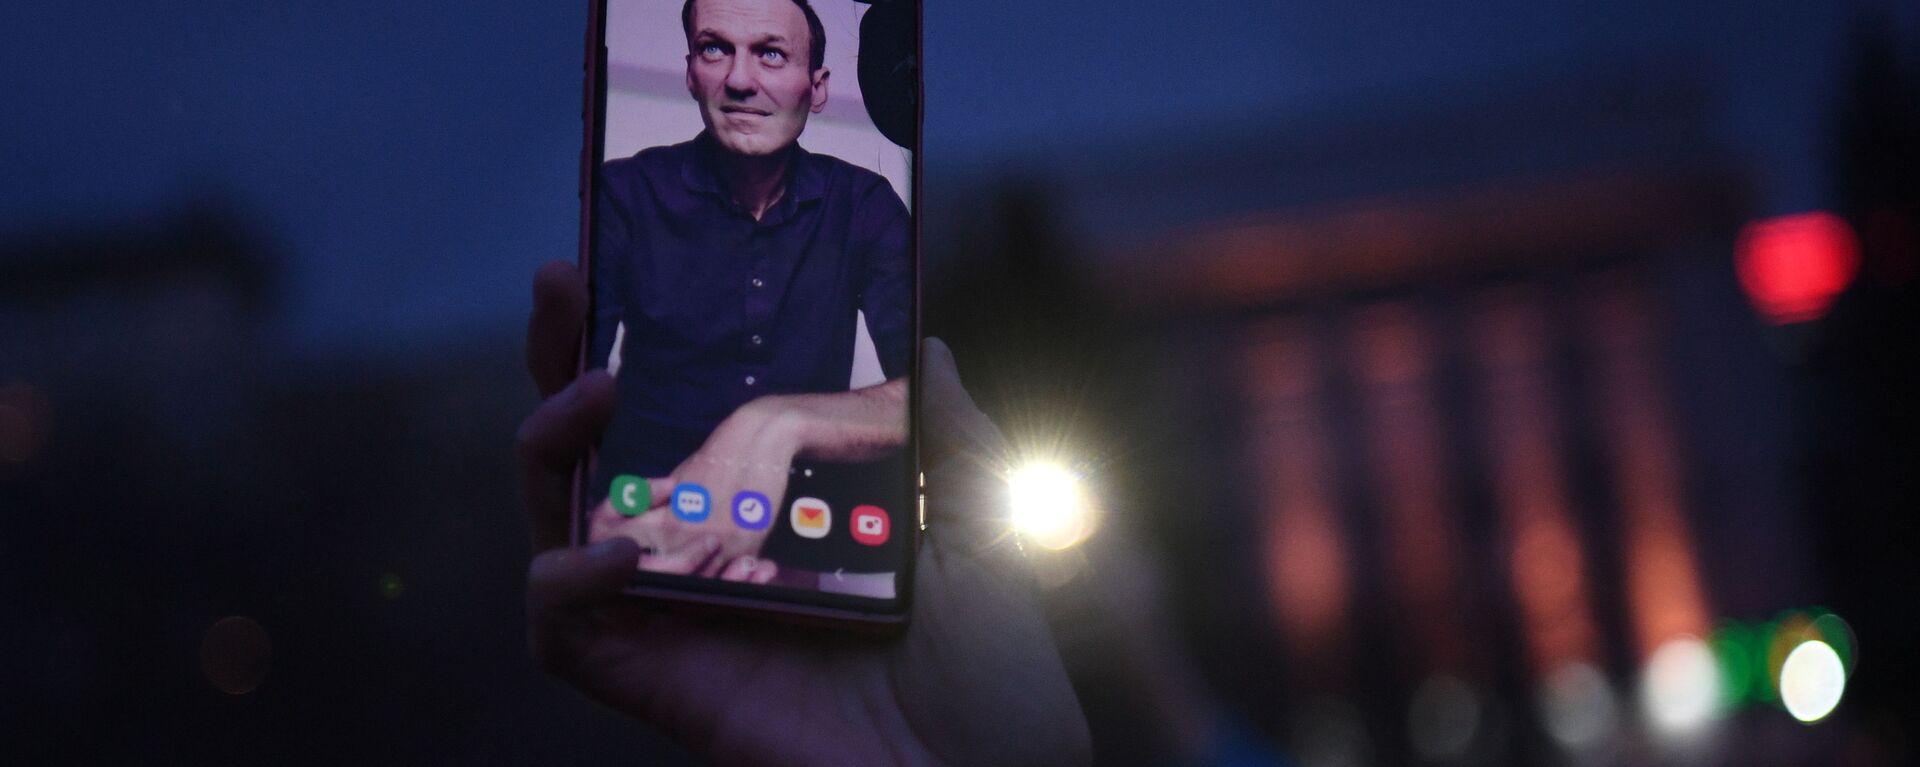 Smartfon ze zdjęciem Aleksieja Nawalnego - Sputnik Polska, 1920, 17.06.2021